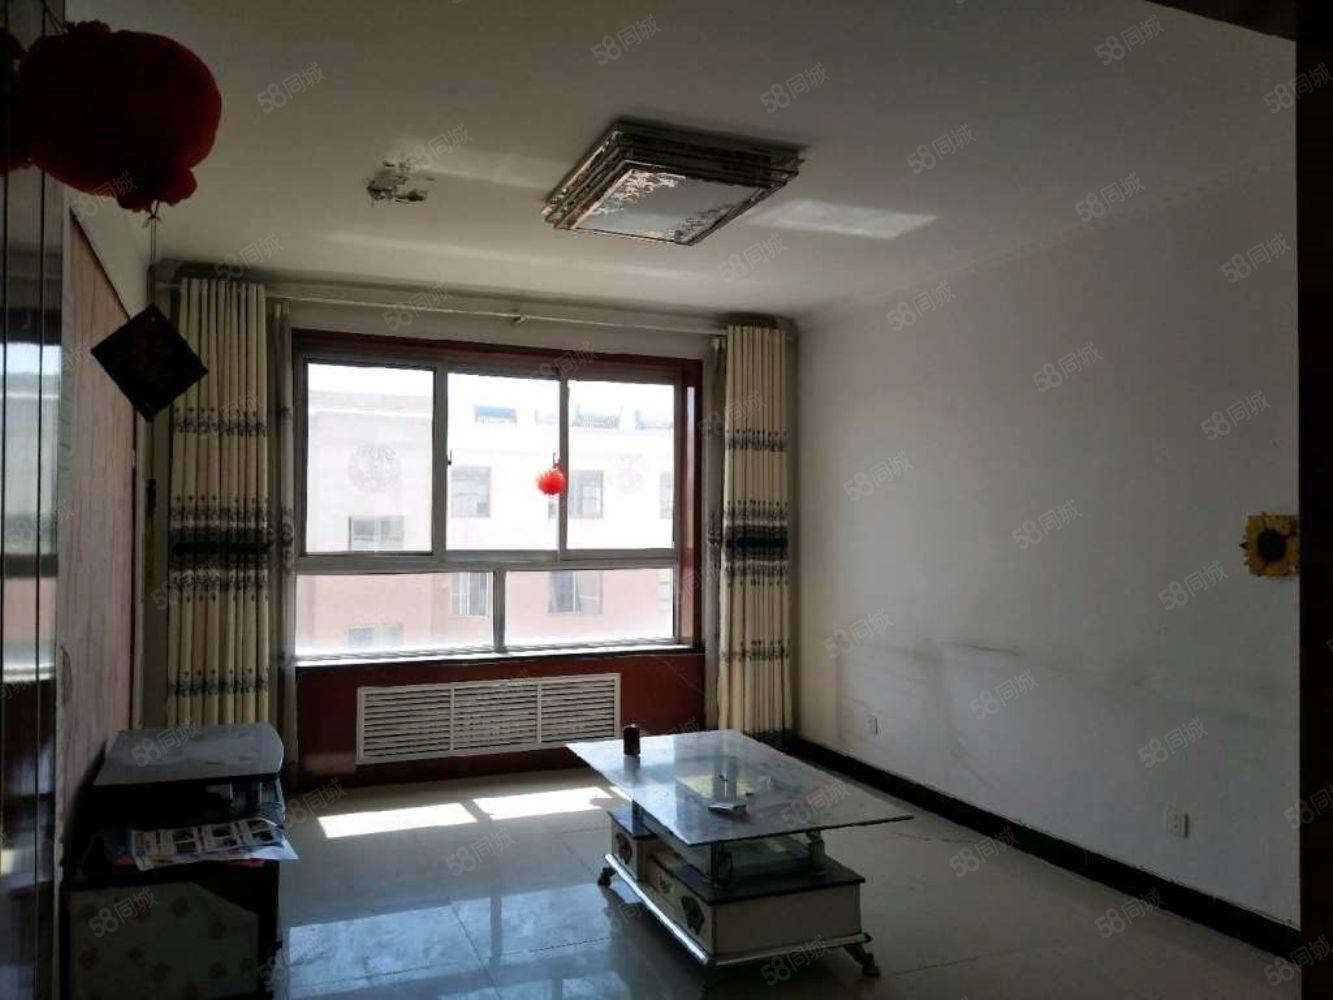 惠民小區兩室一廳簡單裝修簡單家具